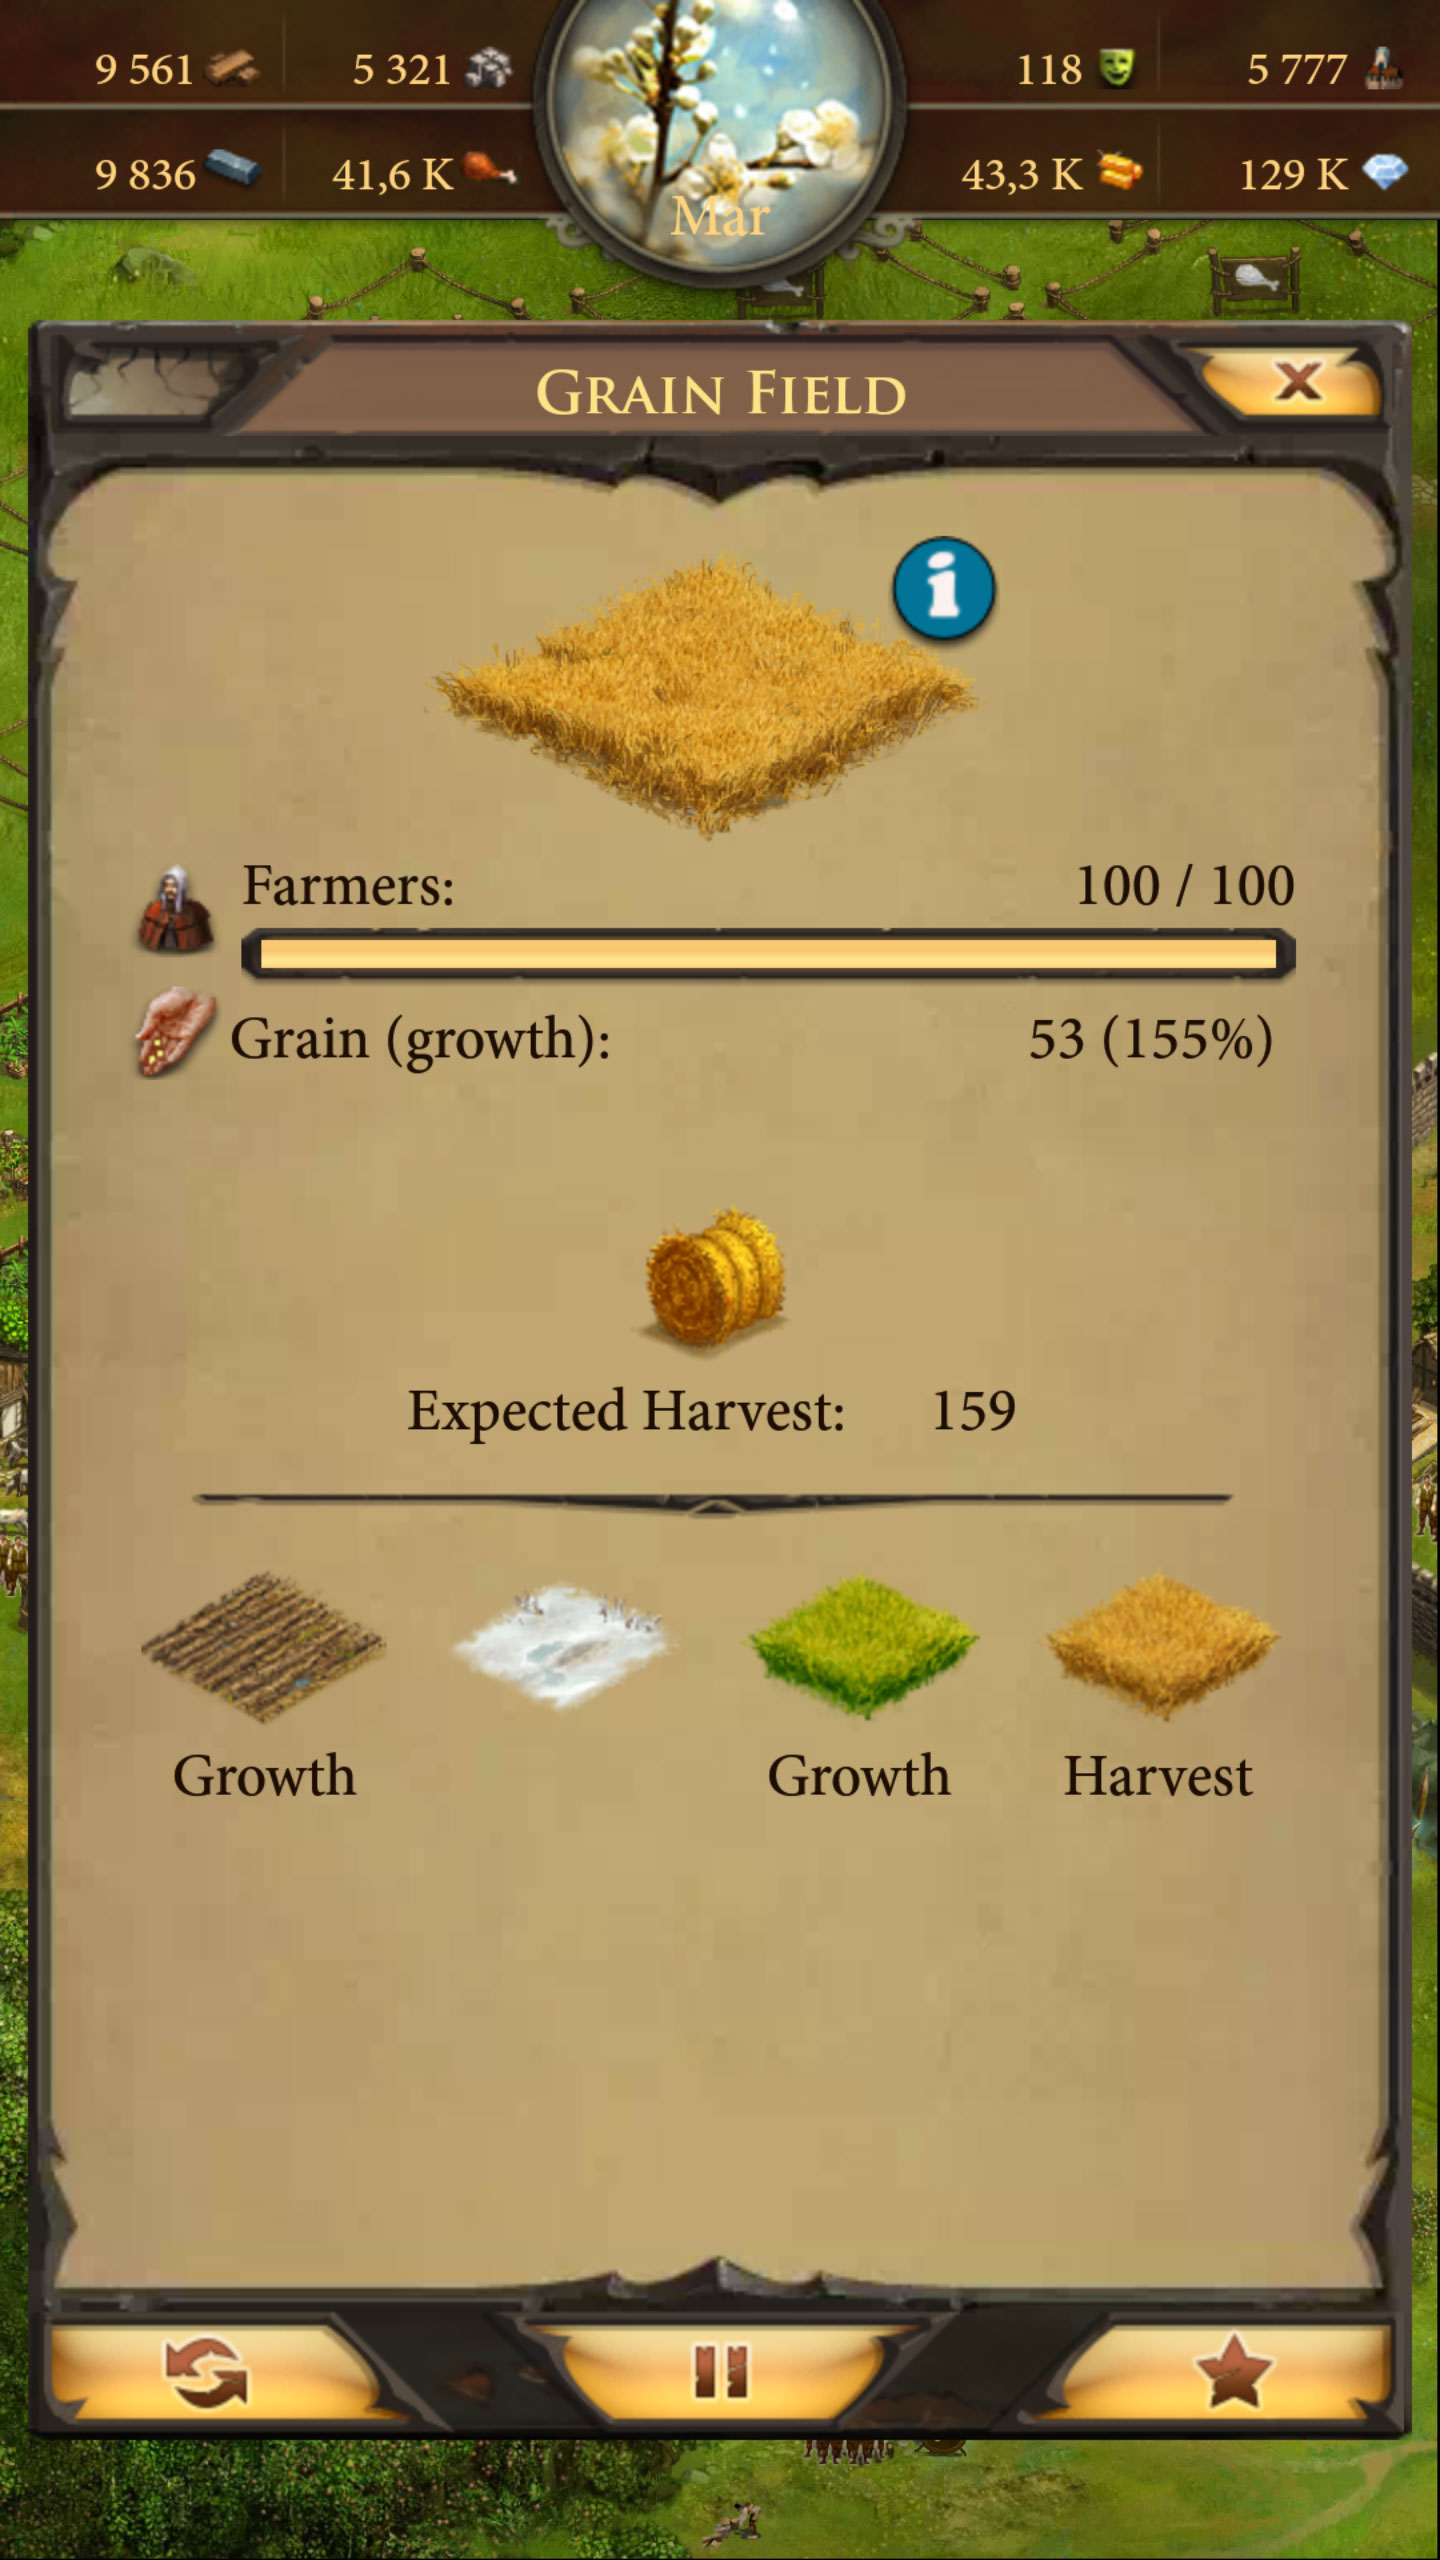 Farm_Grain